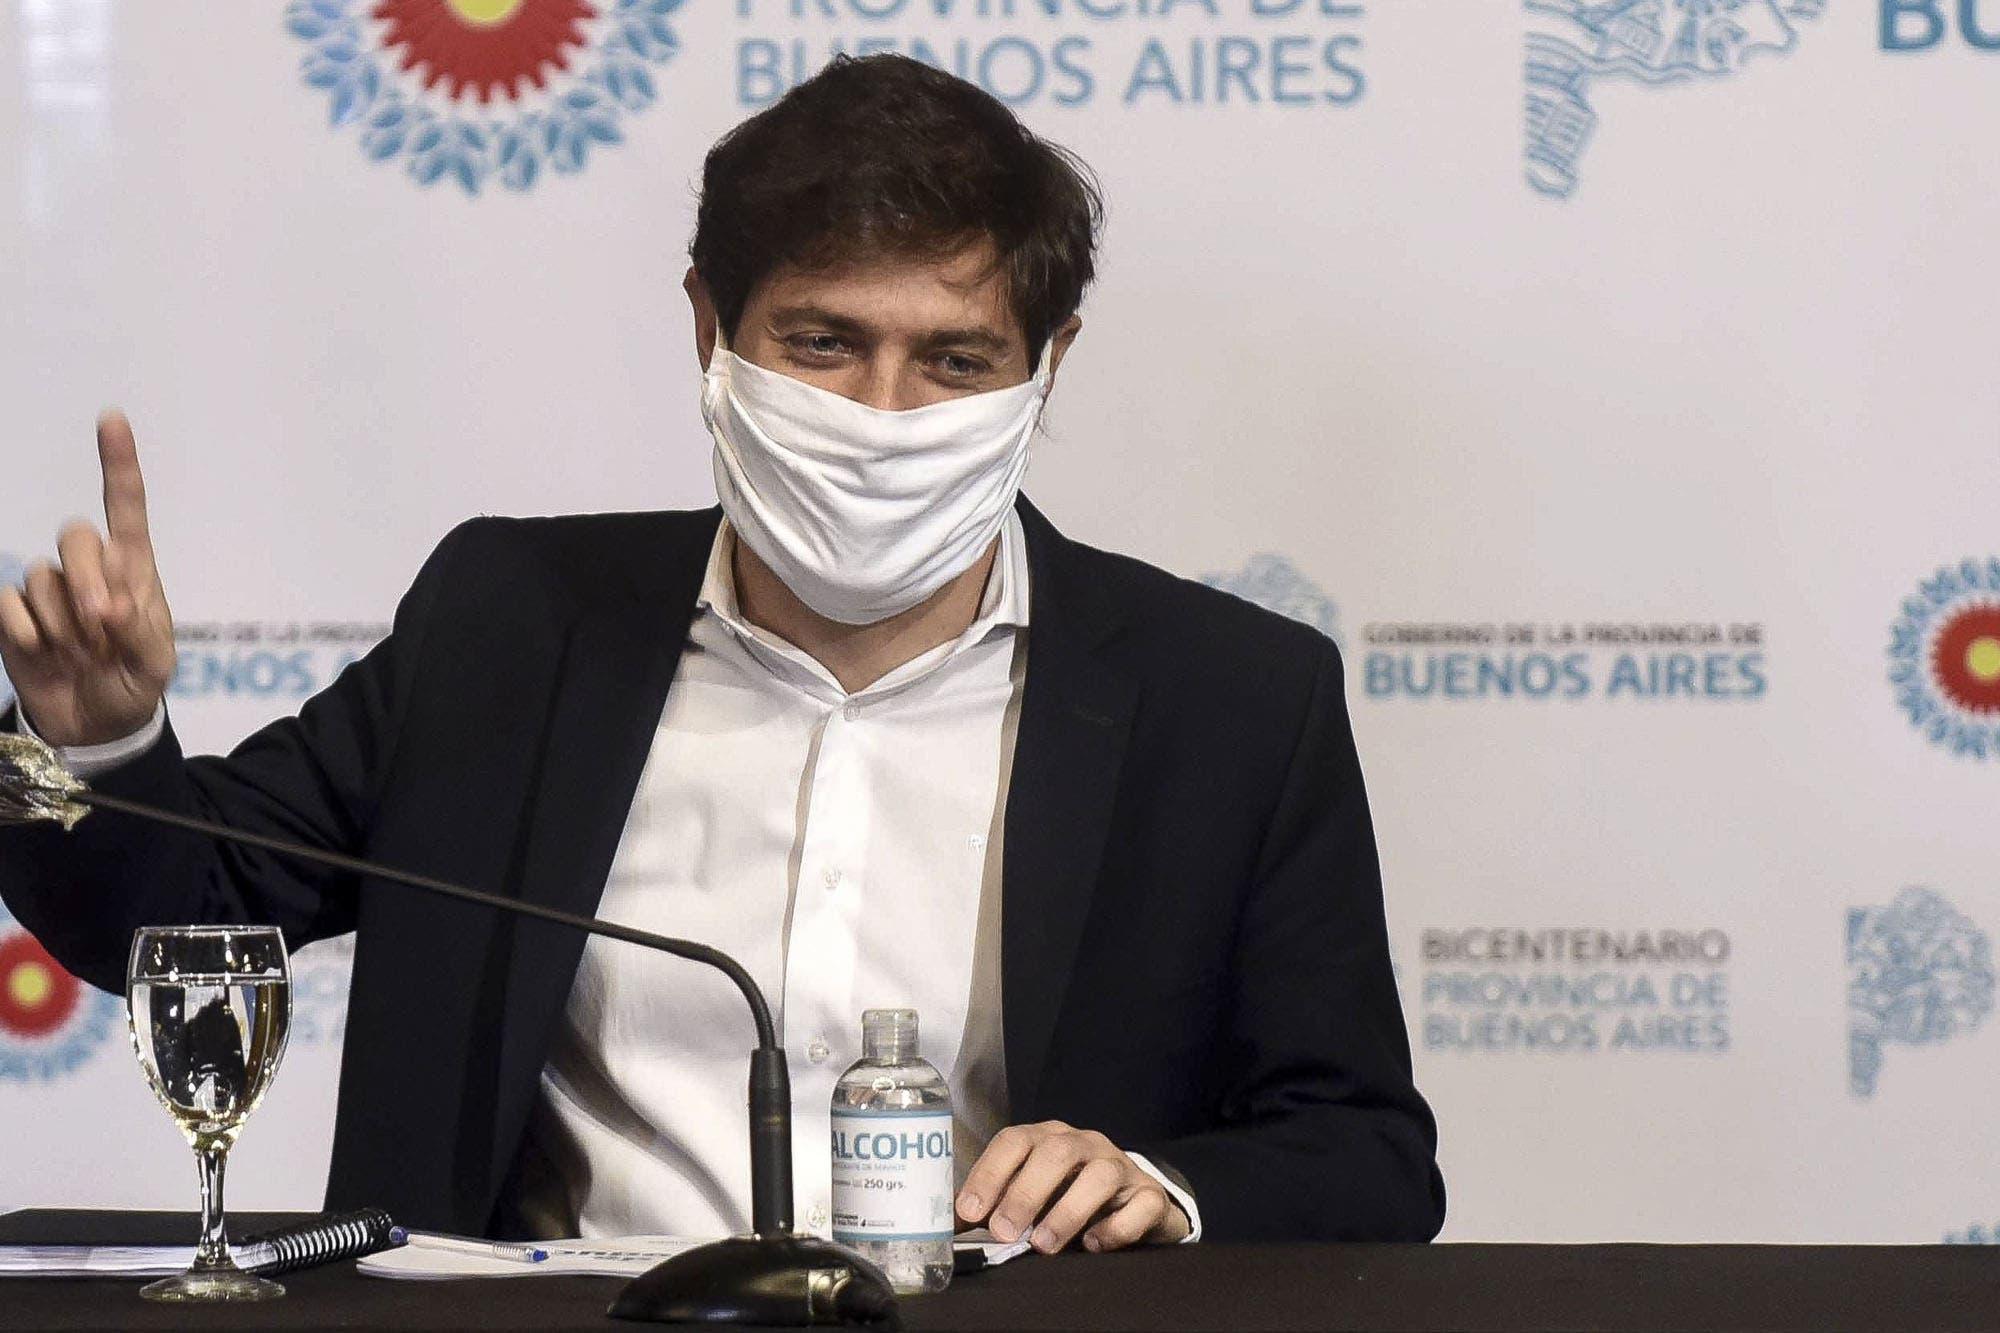 """Axel Kicillof: """"Los expertos nos están recomendando fortalecer el aislamiento"""""""